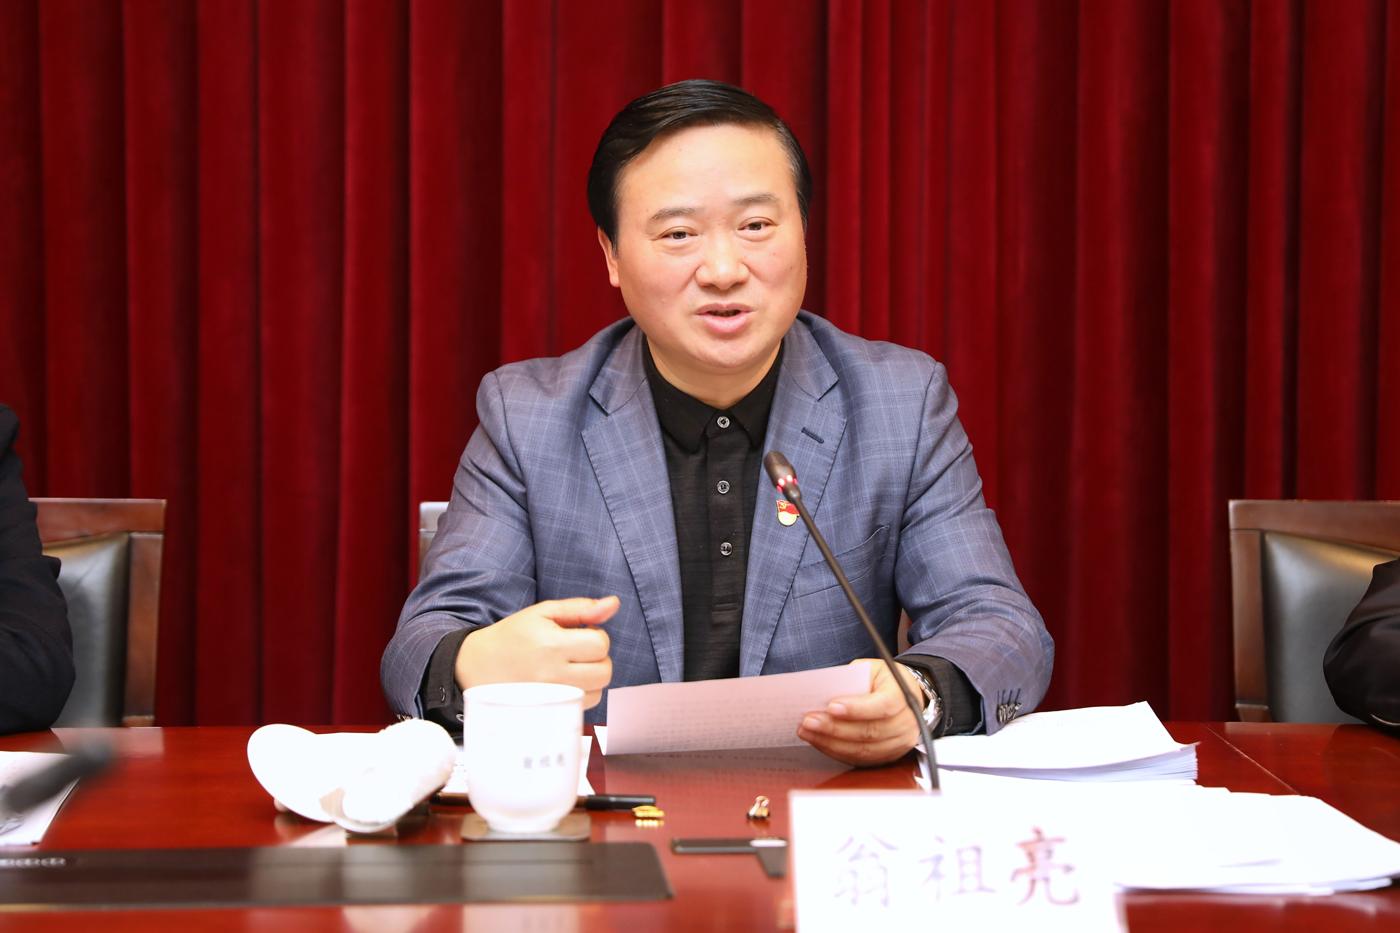 图为上海市委常委、浦东新区区委书记翁祖亮